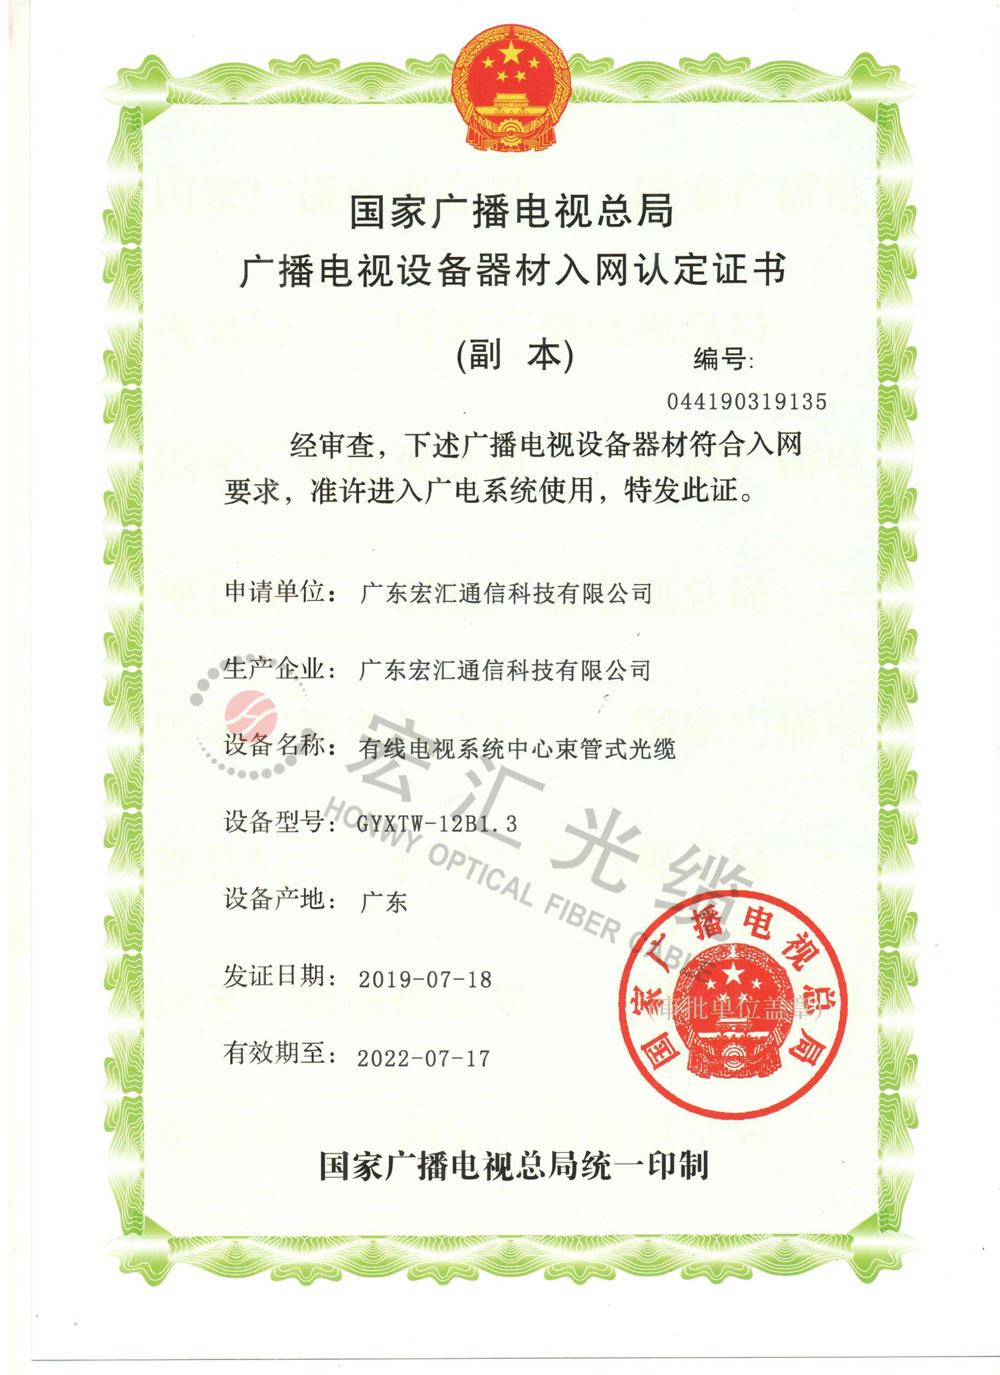 国家广电总局入网证书(GYXTW)